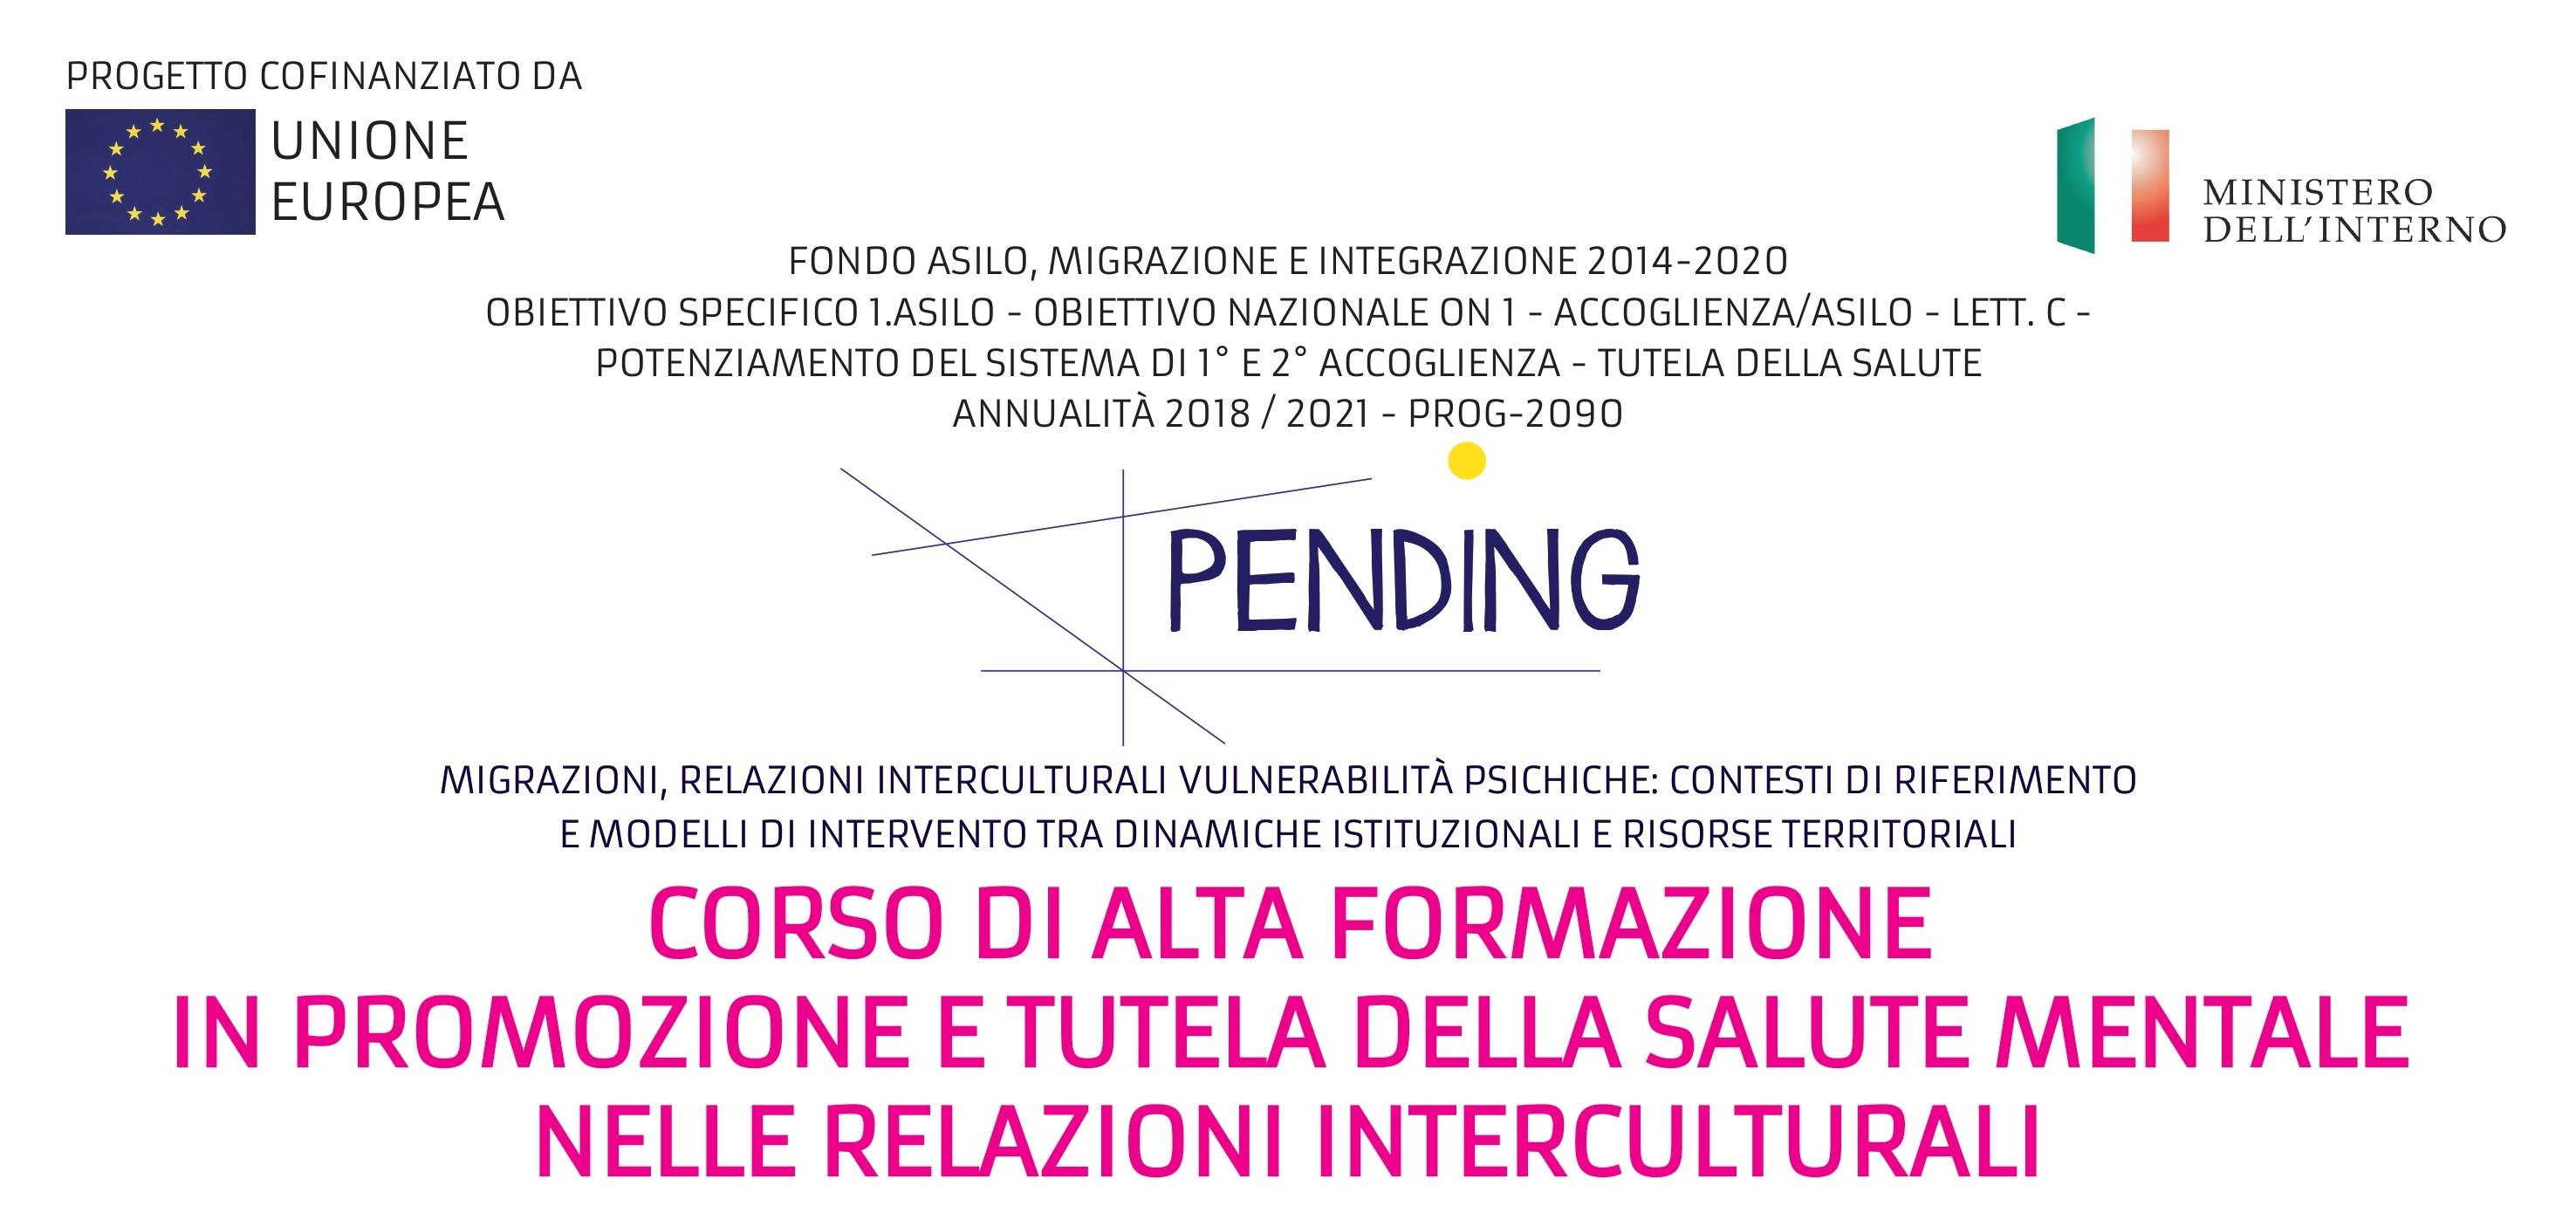 Corso di Alta Formazione in promozione e tutela della salute mentale nelle relazioni interculturali